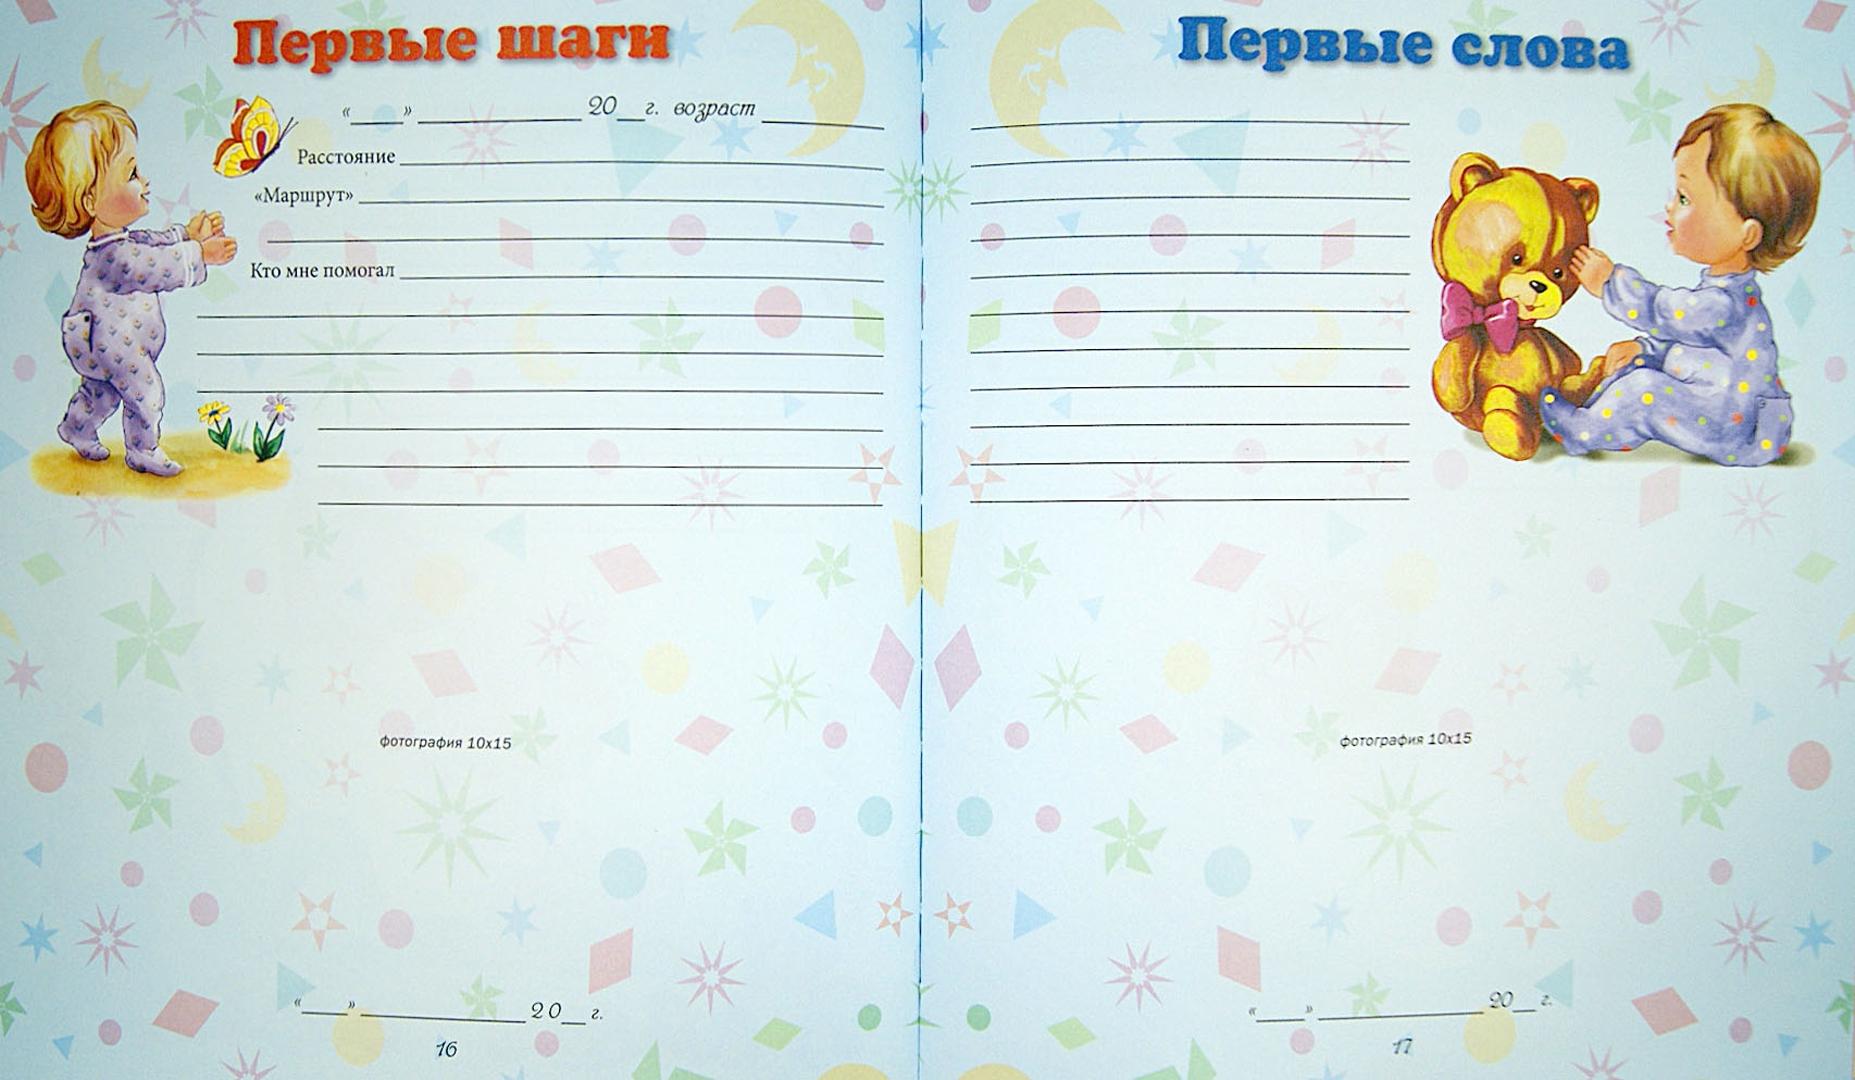 Иллюстрация 1 из 6 для Я родилась и расту! - Юлия Феданова | Лабиринт - сувениры. Источник: Лабиринт